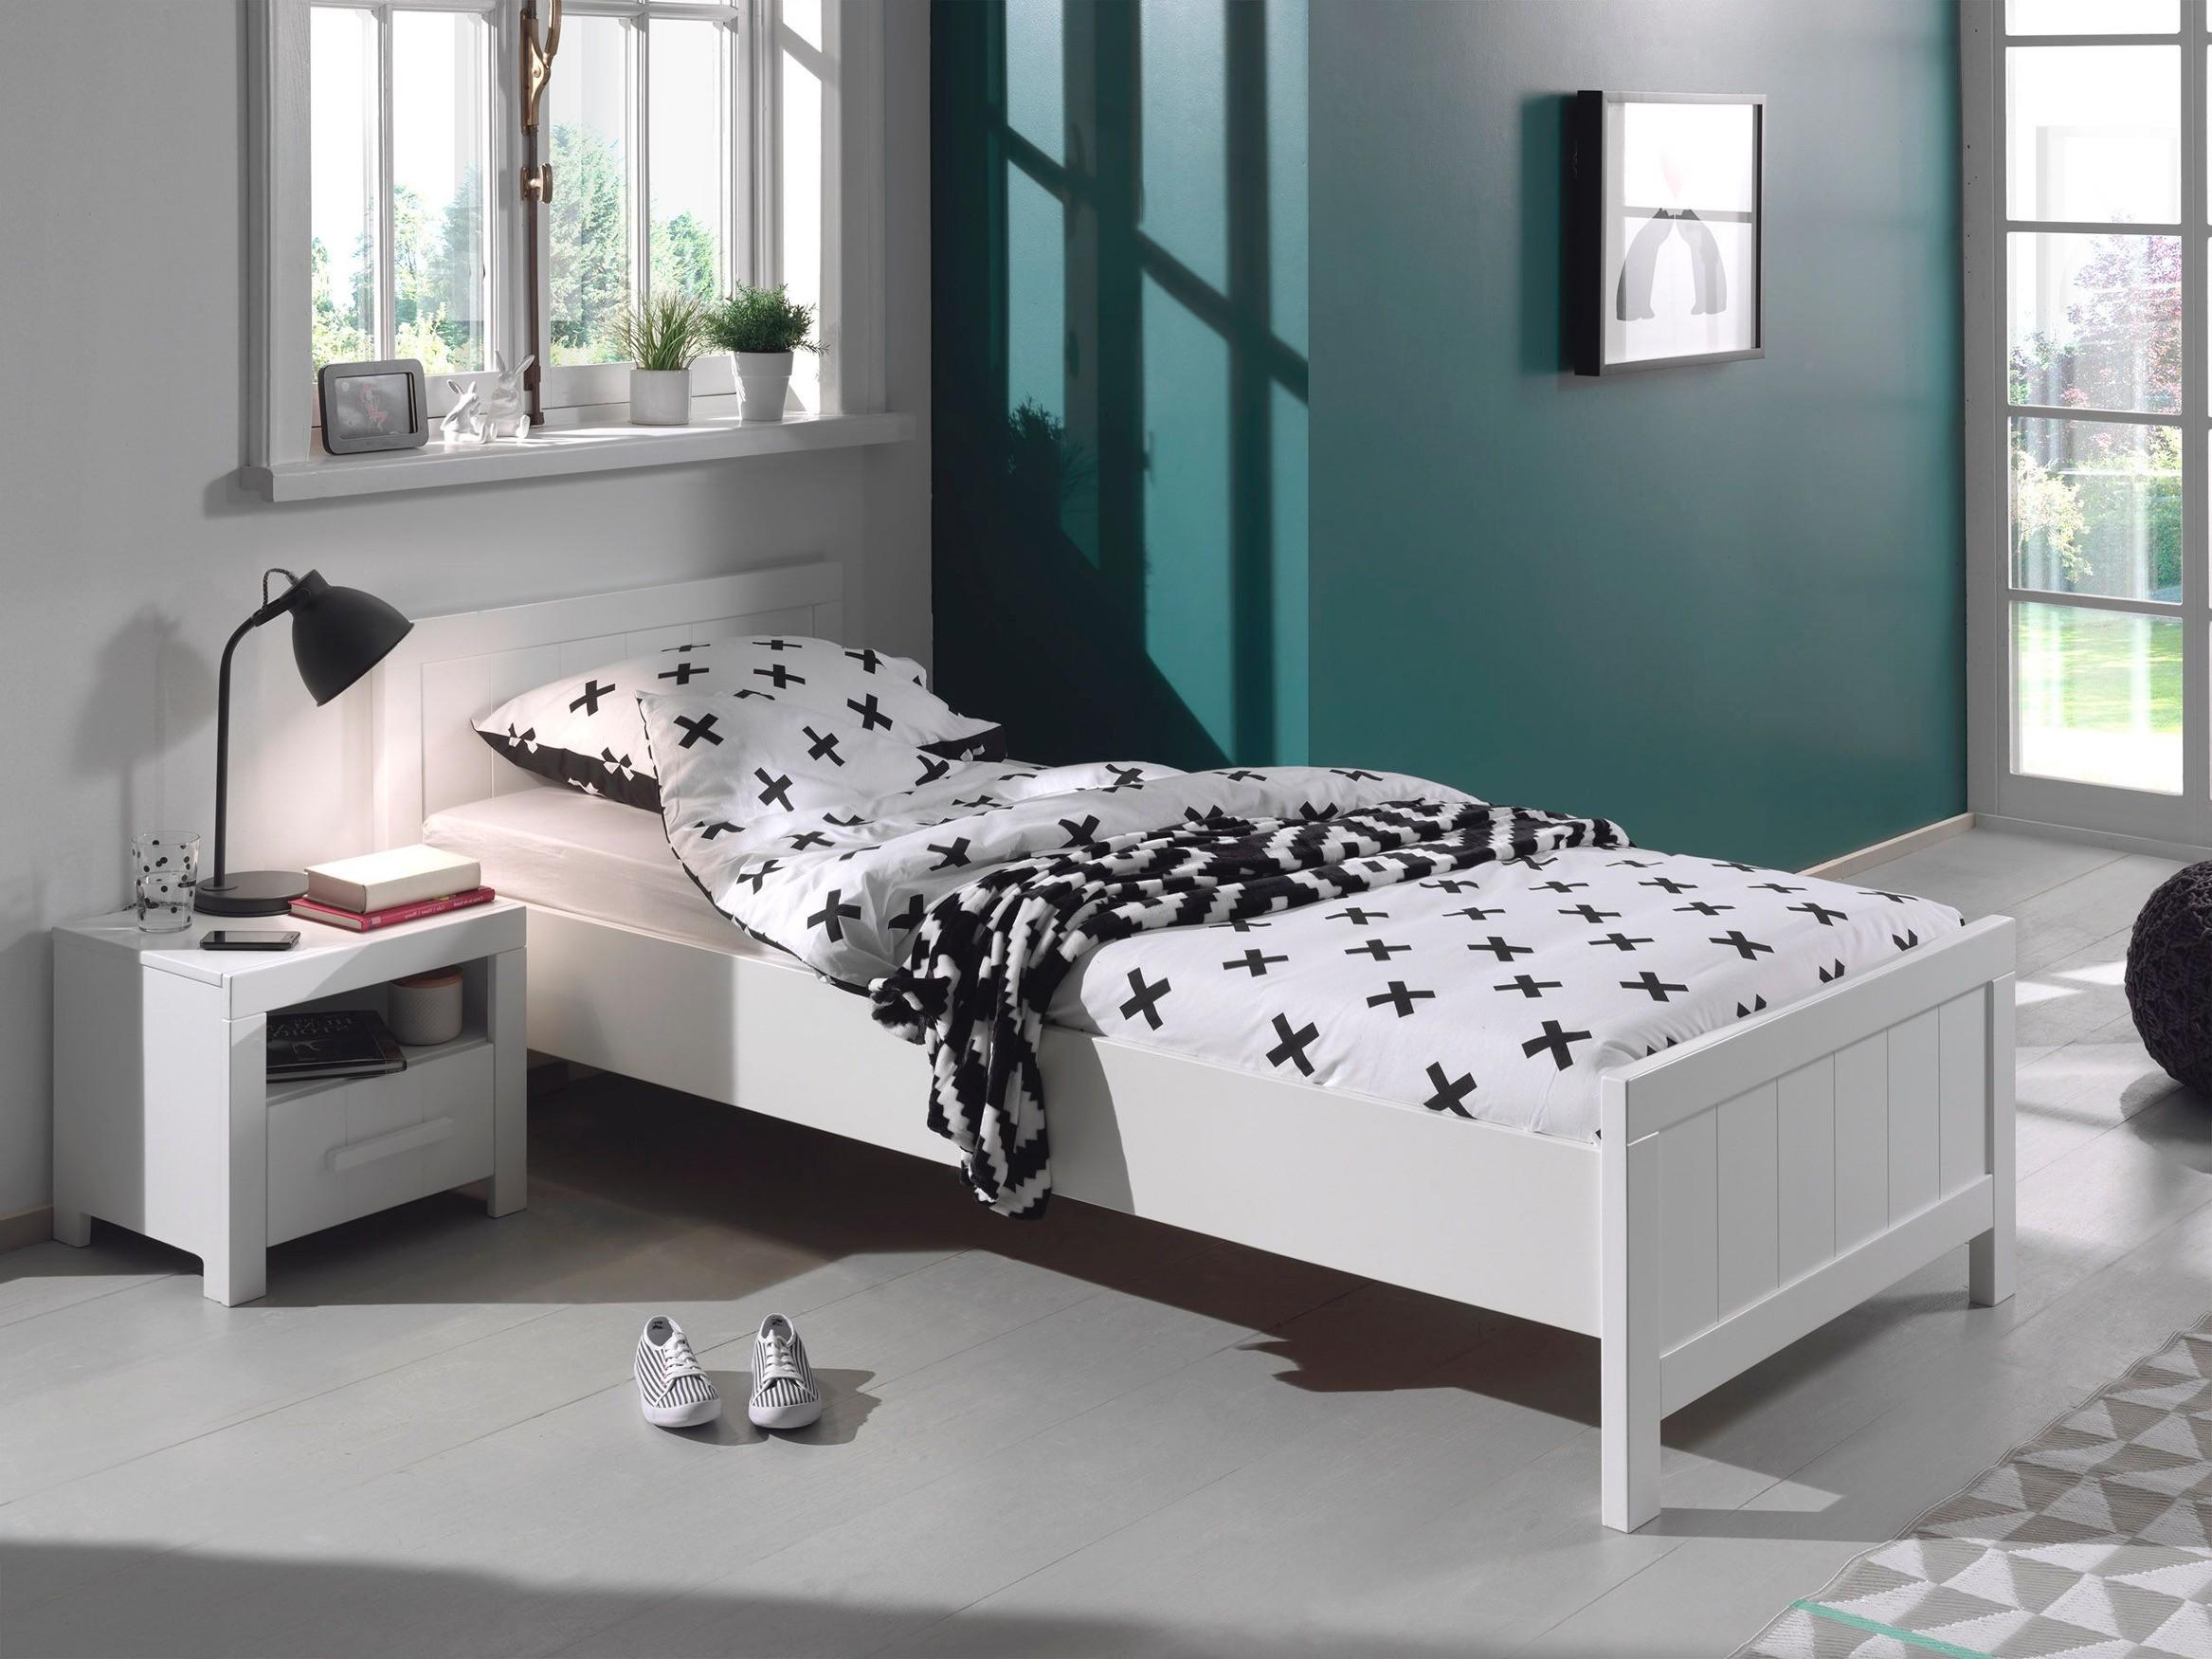 jugendzimmer erik komplett mit einzelbett und nachtkonsole kinder jugendzimmer jugendzimmer. Black Bedroom Furniture Sets. Home Design Ideas